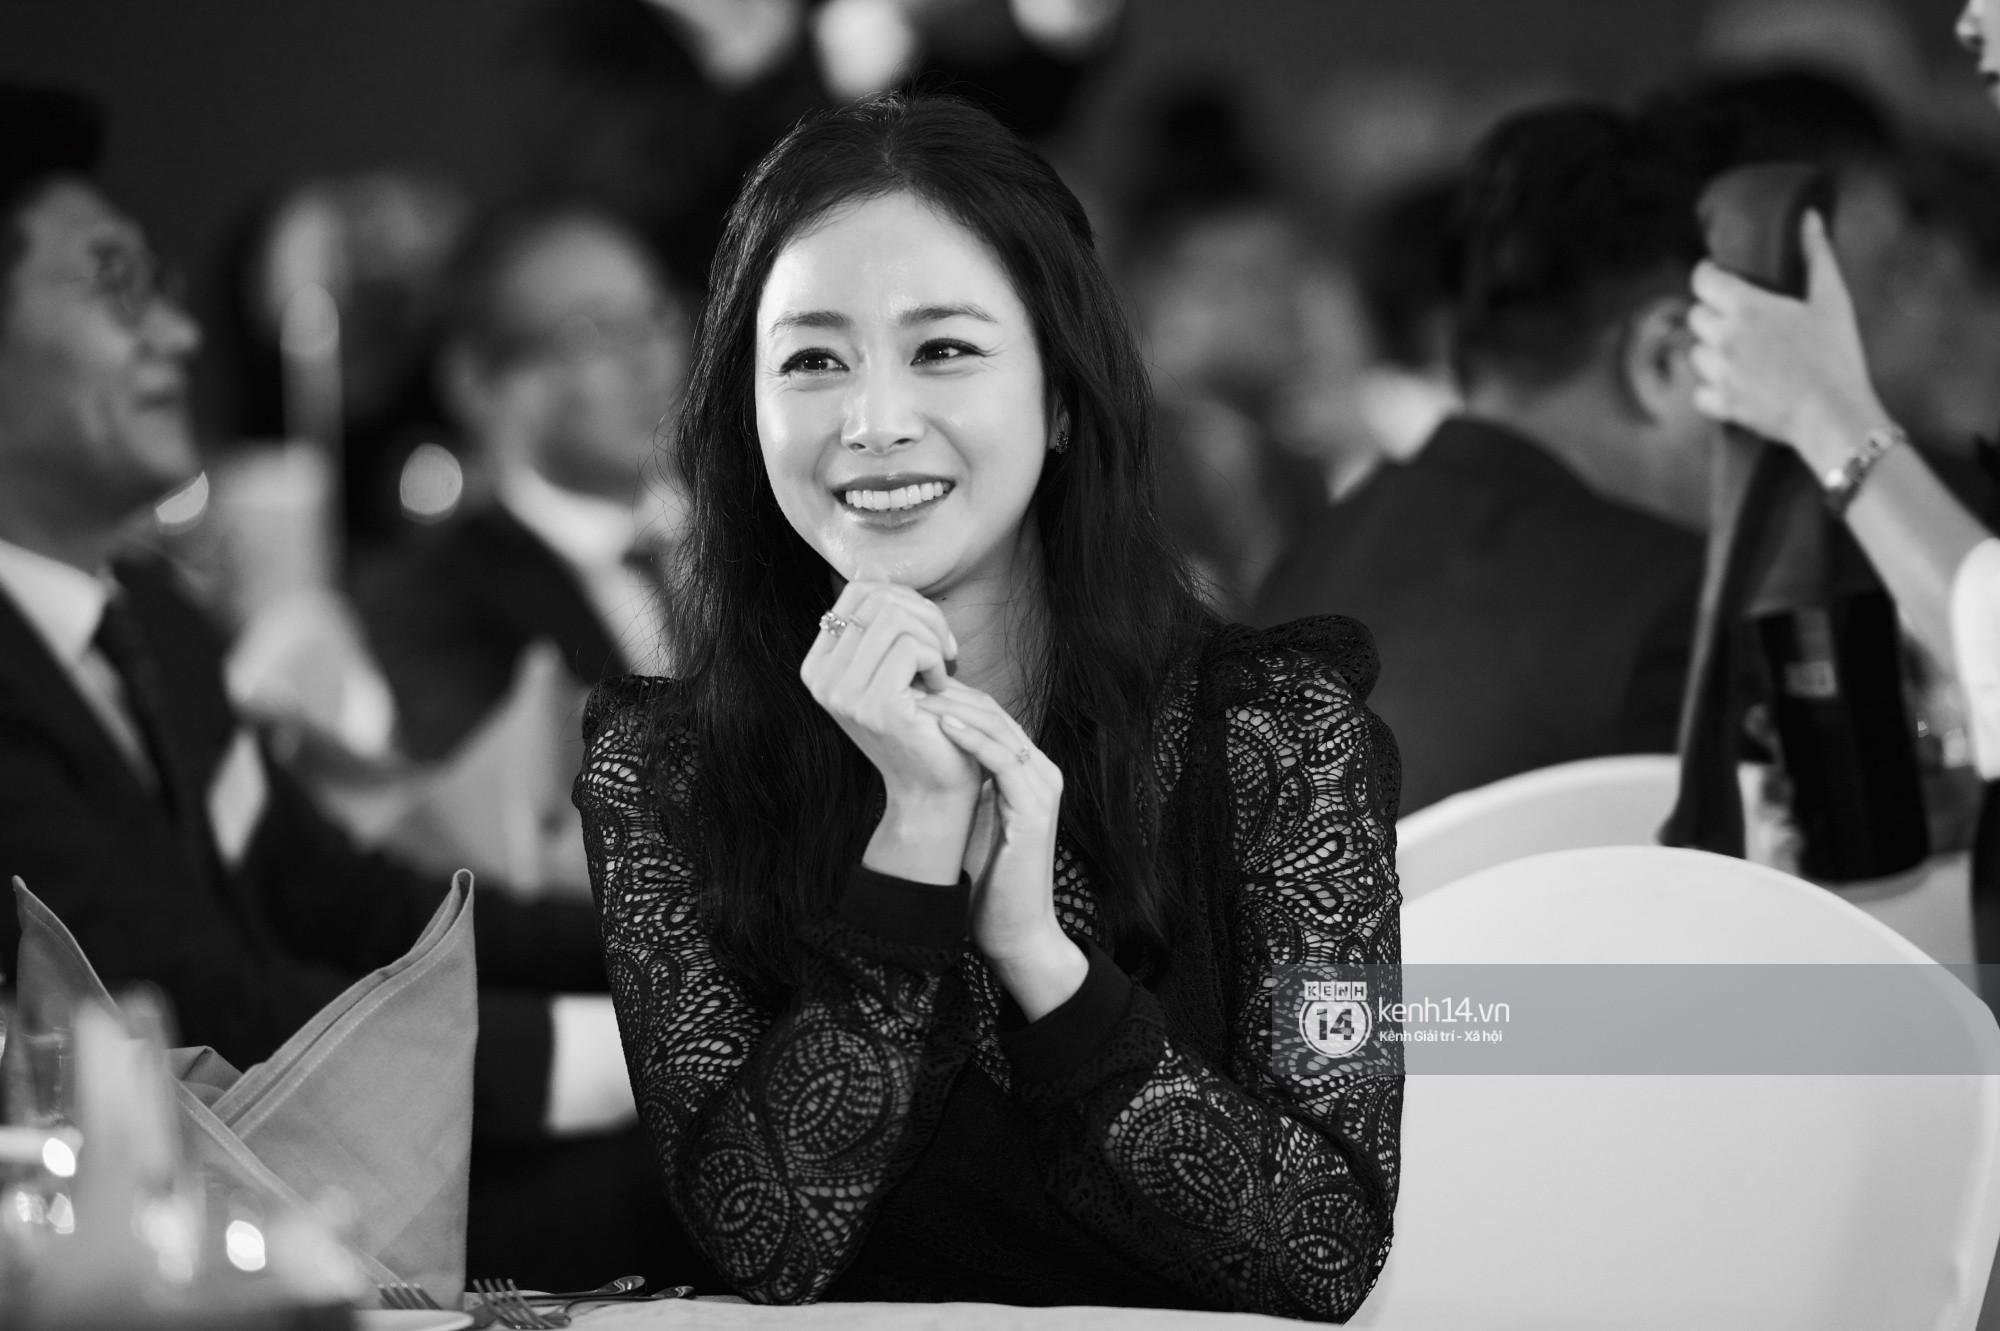 Bộ ảnh đẹp nhất của Kim Tae Hee tại đêm tiệc Hàn ở Hà Nội: Khoảnh khắc minh tinh châu Á hút hồn toàn bộ khán phòng